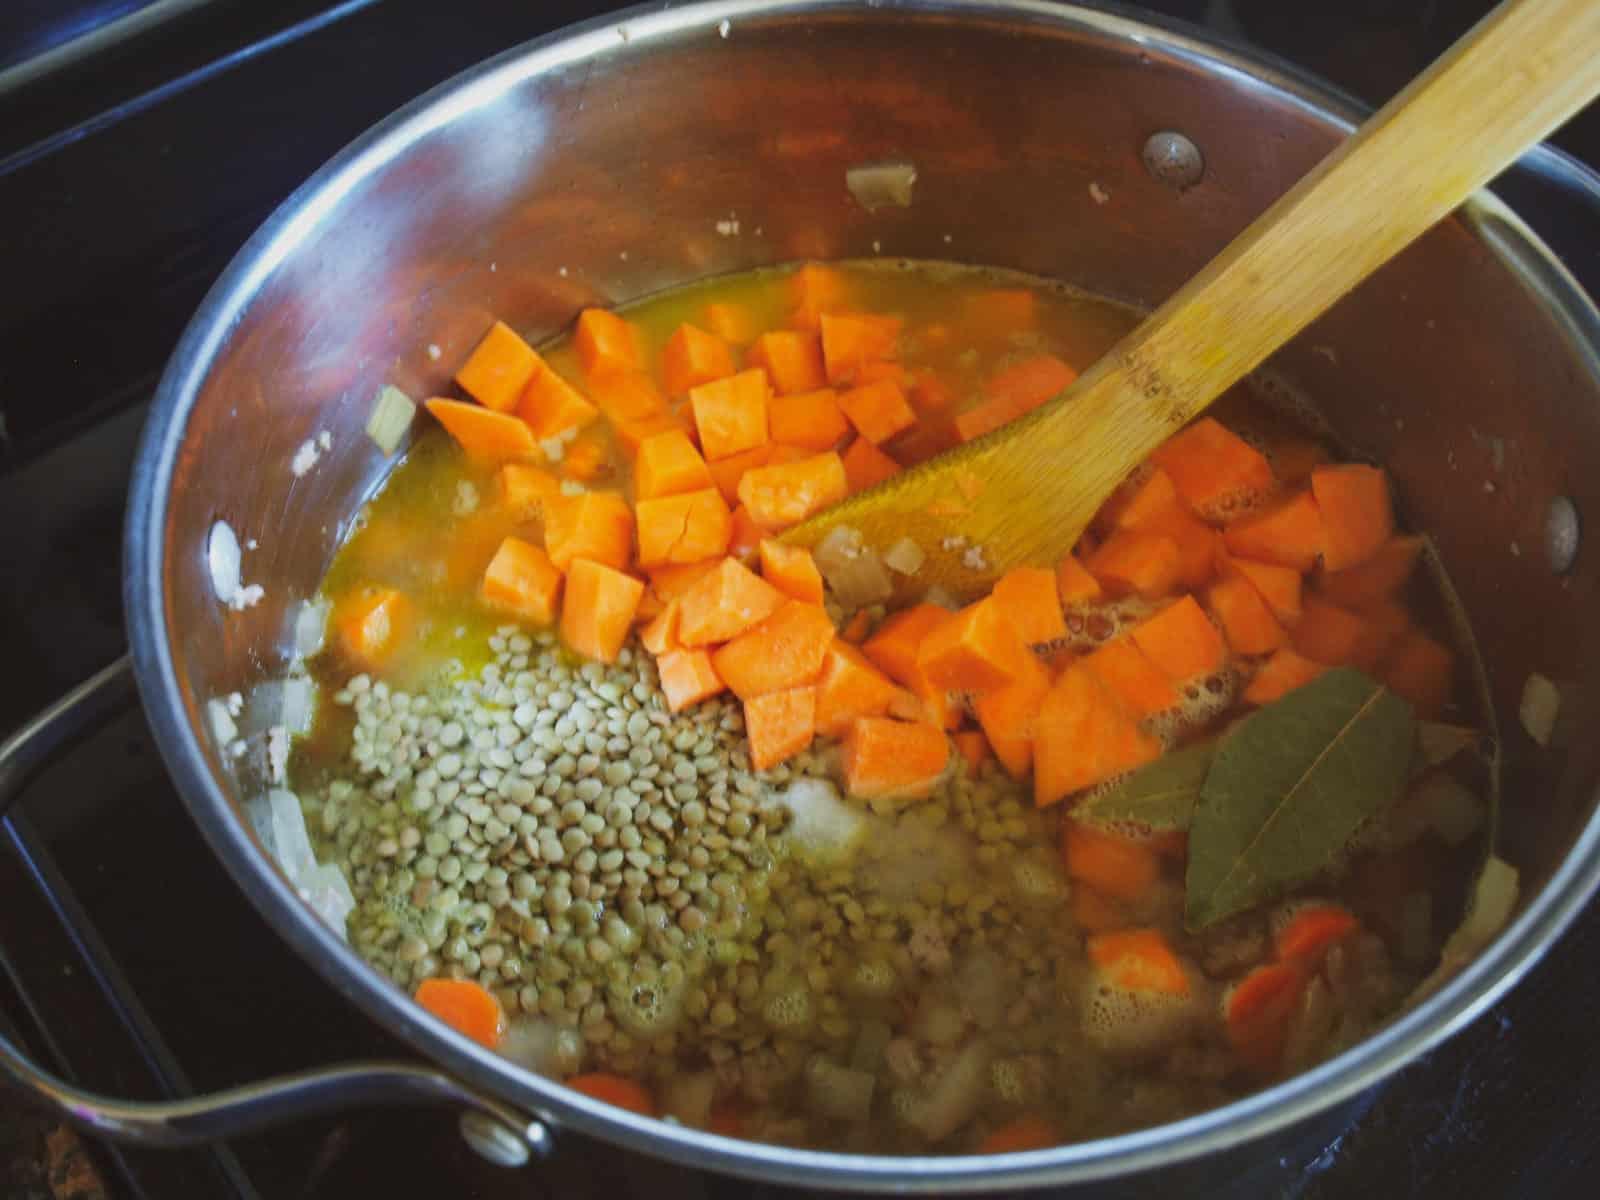 A large pot of Moroccan Sweet Potato & Lentil Soup.